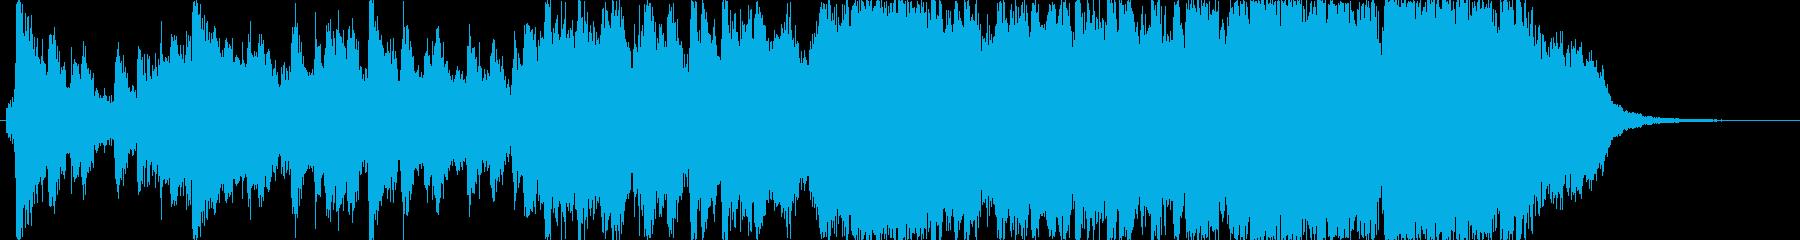 明るい希望に満ちたオーケストラジングル。の再生済みの波形